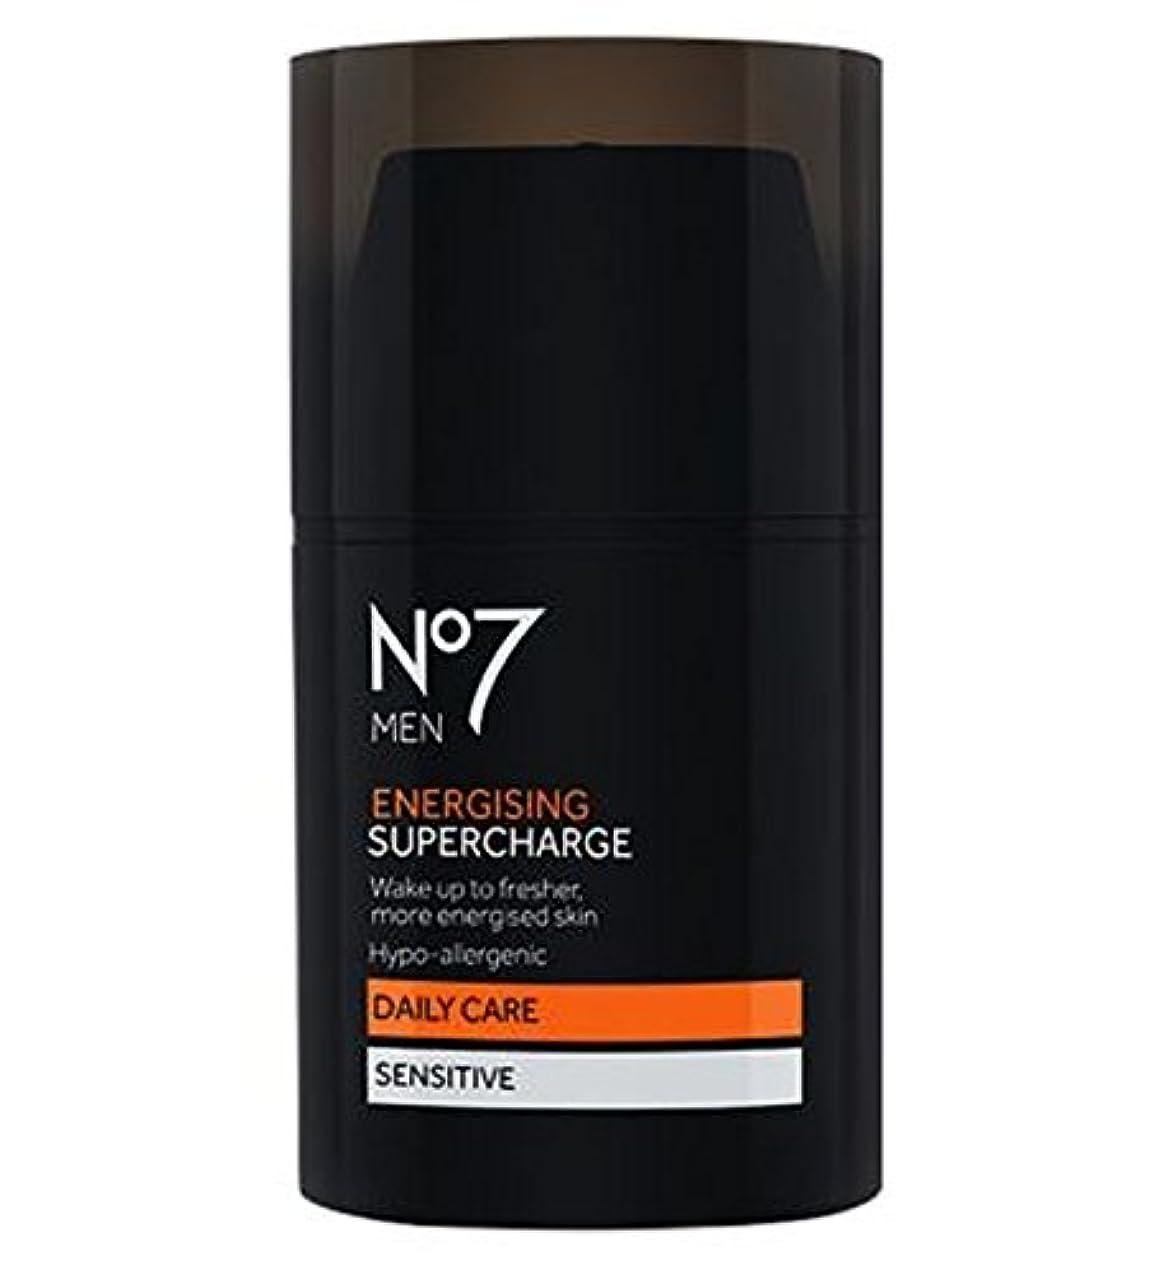 カルシウム消去ルールNo7 Men Energising Supercharge - 過給を通電No7の男性 (No7) [並行輸入品]